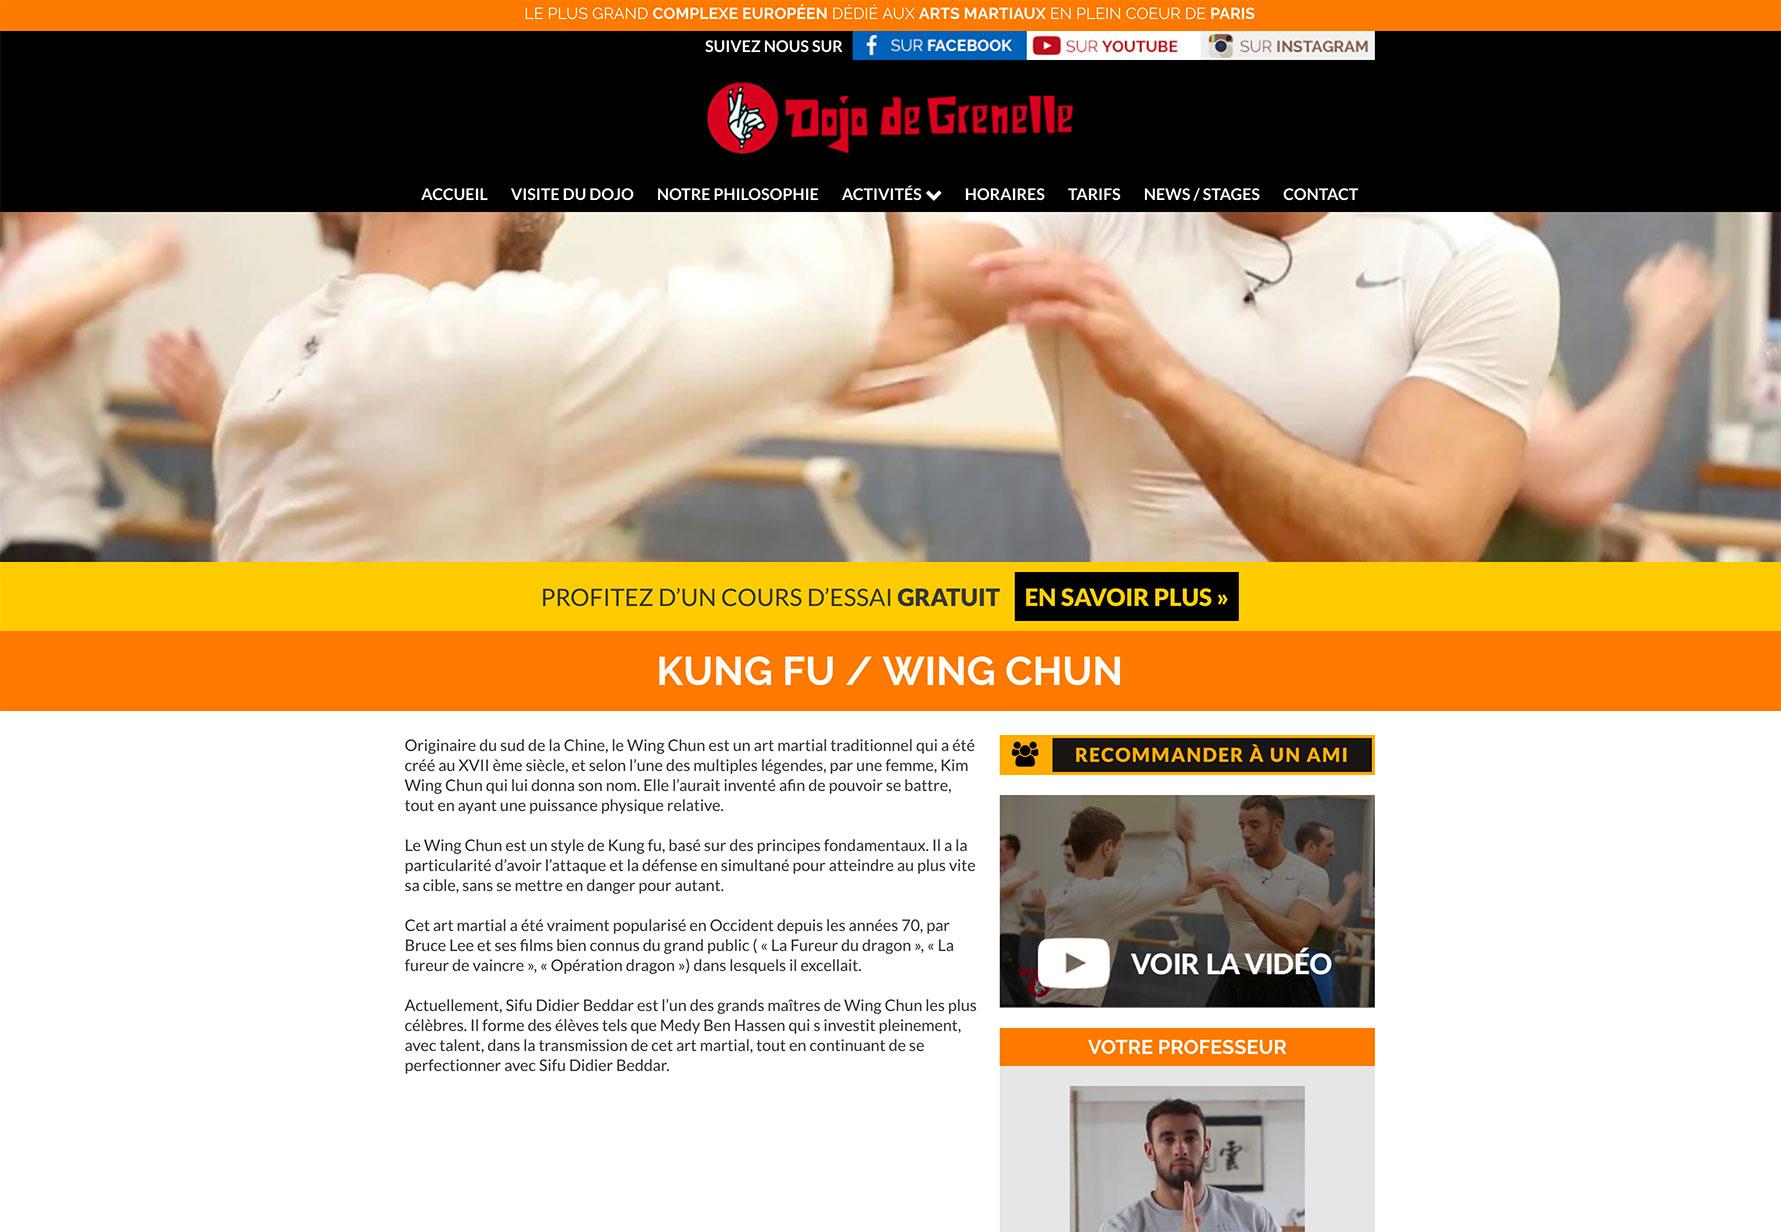 Kung Fu / Wing Chun